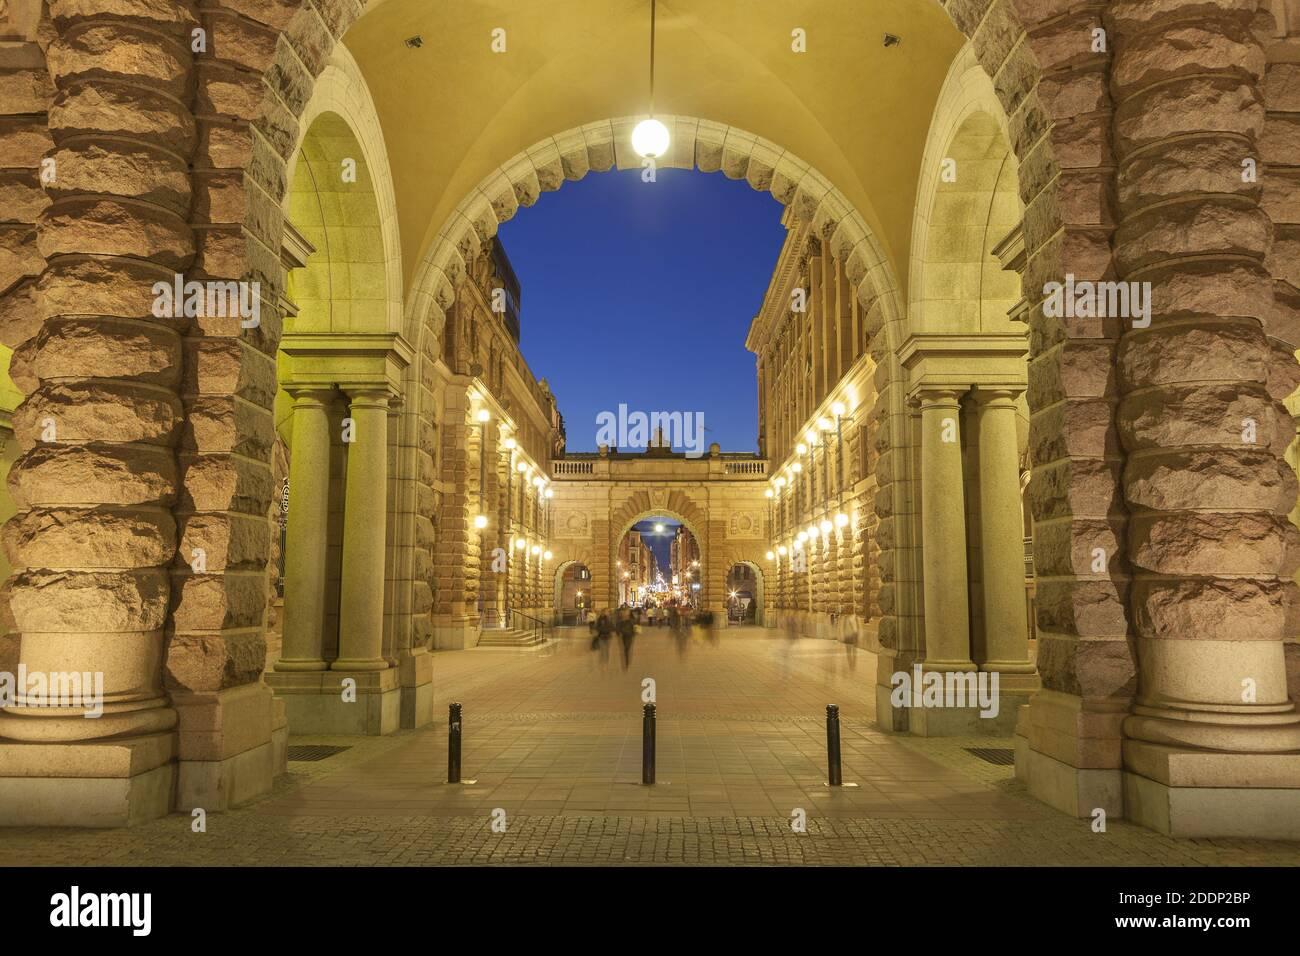 Geografia / viaggio, Svezia, Stoccolma Laen, Stoccolma, Riksgatan sul parlamento, Helgeandsholmen, S, diritti aggiuntivi-liquidazione-Info-non-disponibile Foto Stock